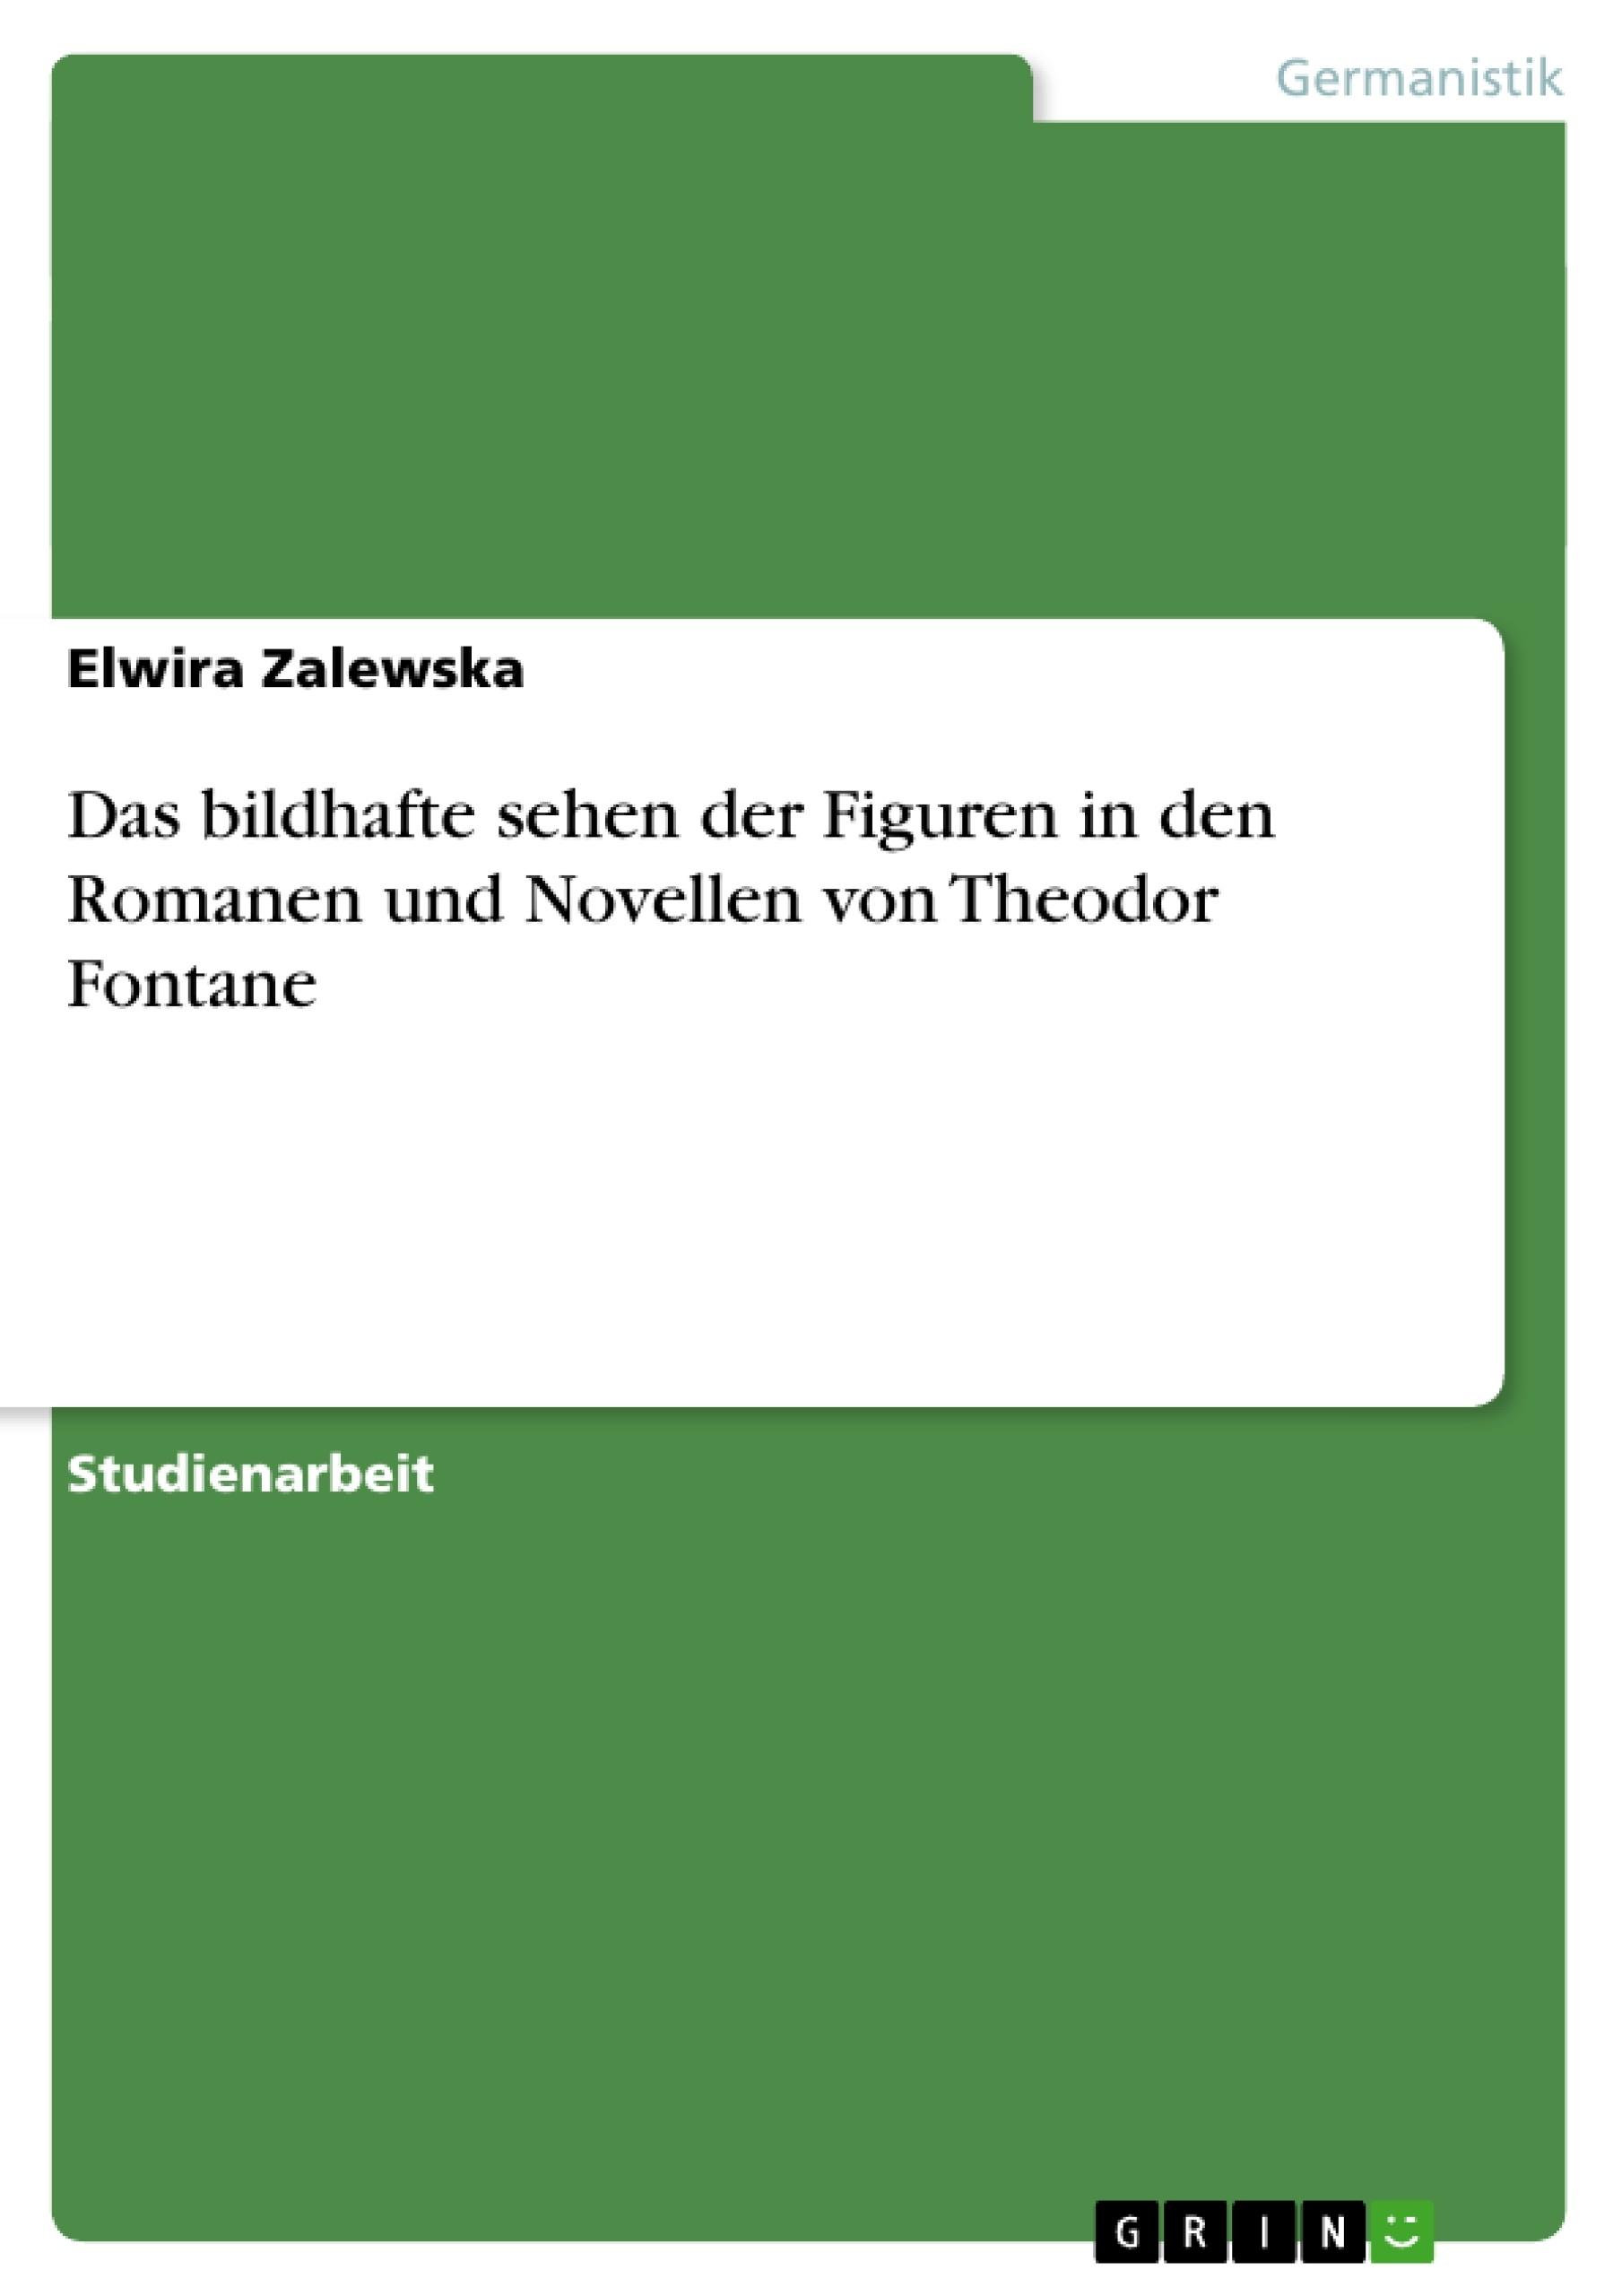 Titel: Das bildhafte sehen der Figuren in den Romanen und Novellen von Theodor Fontane